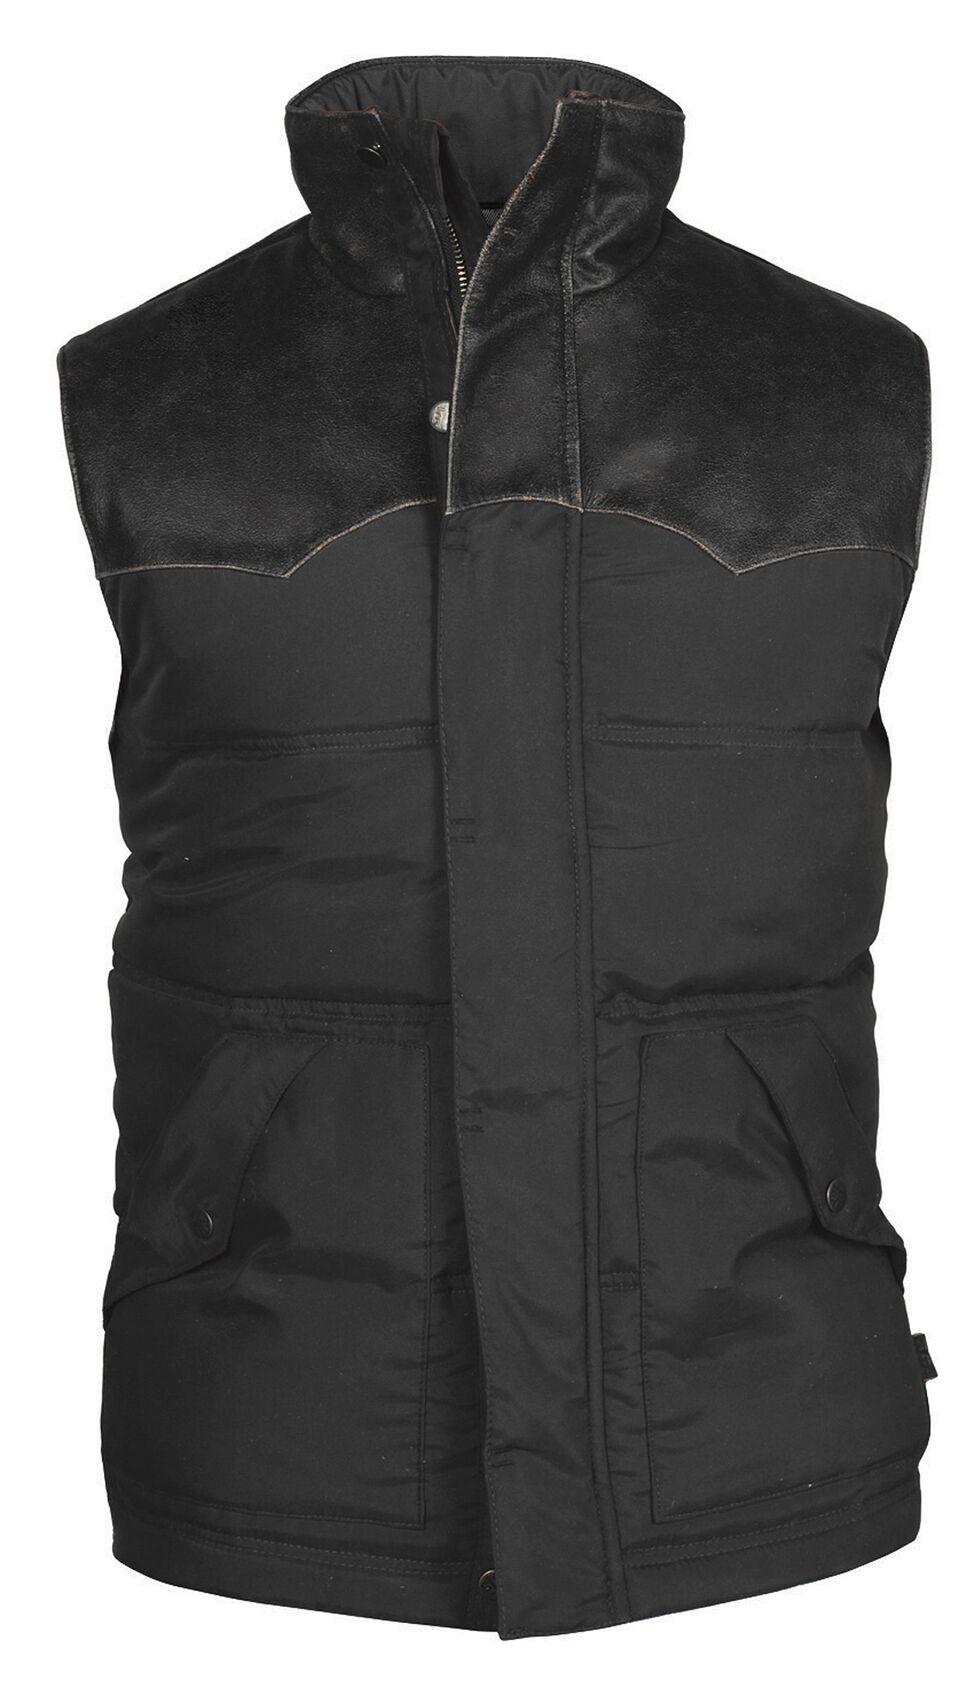 STS Ranchwear Men's Lucas Down Style Black Vest, Black, hi-res